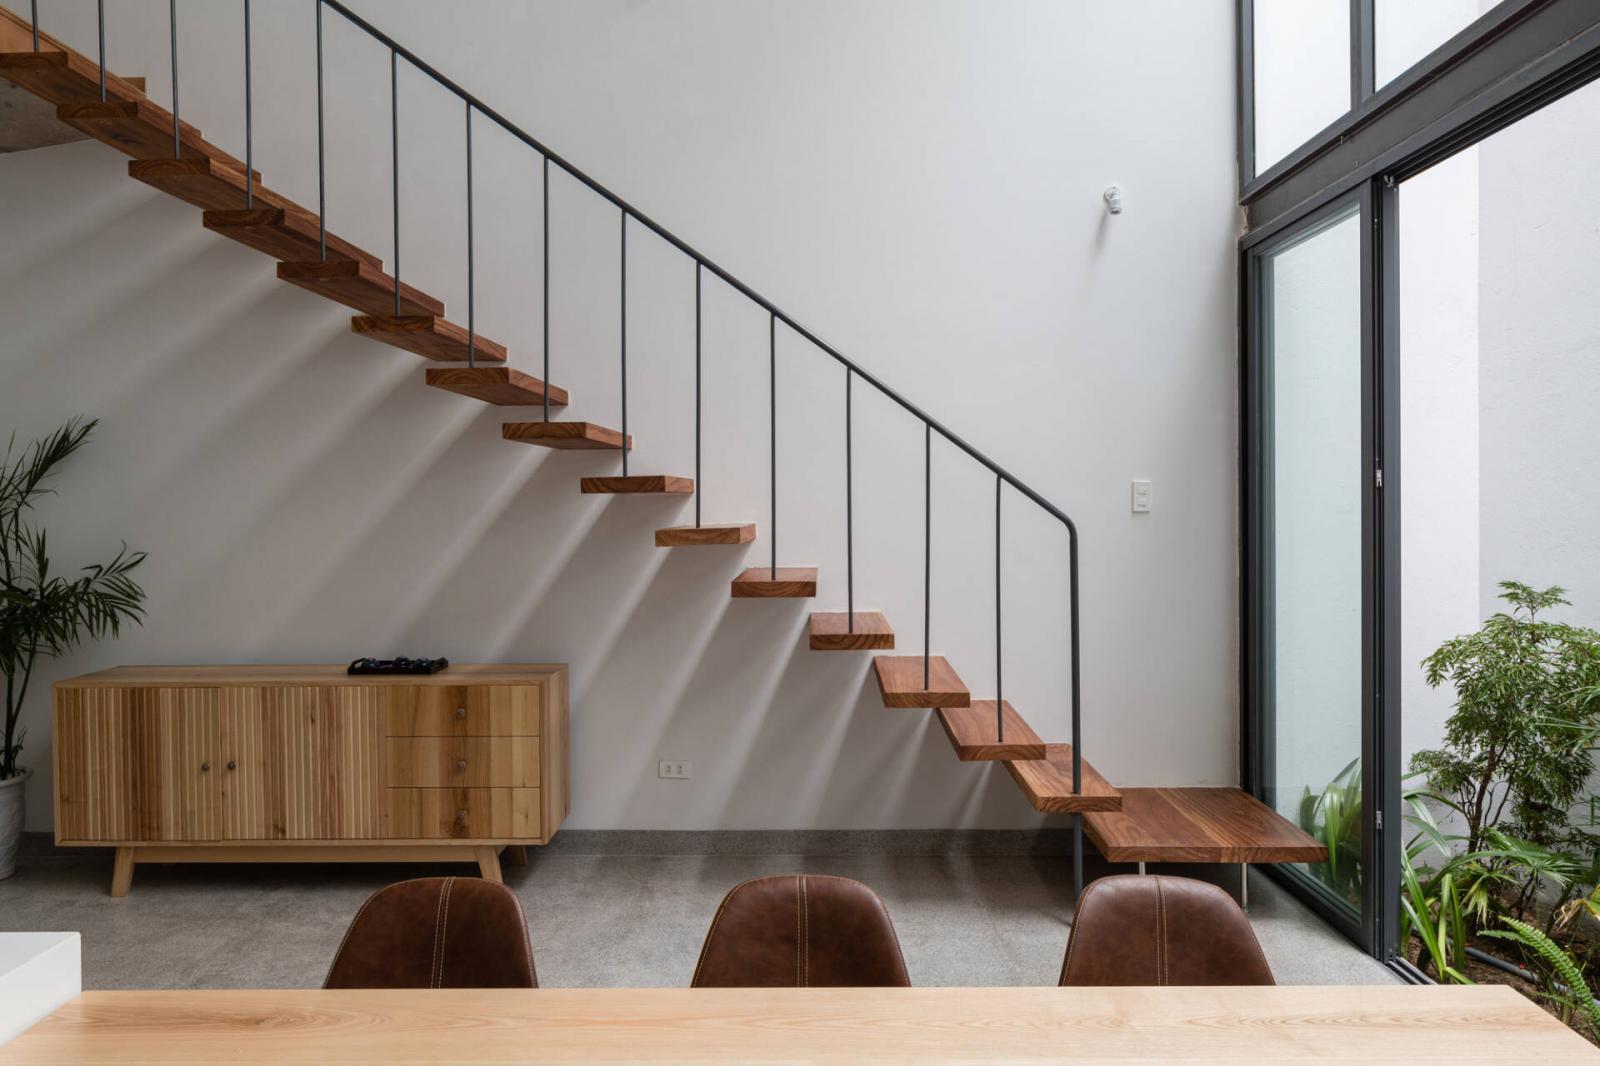 Bạn có thể thử chọn các mẫu cầu thang dọc nhà như thế này để tiết kiệmdiện tích